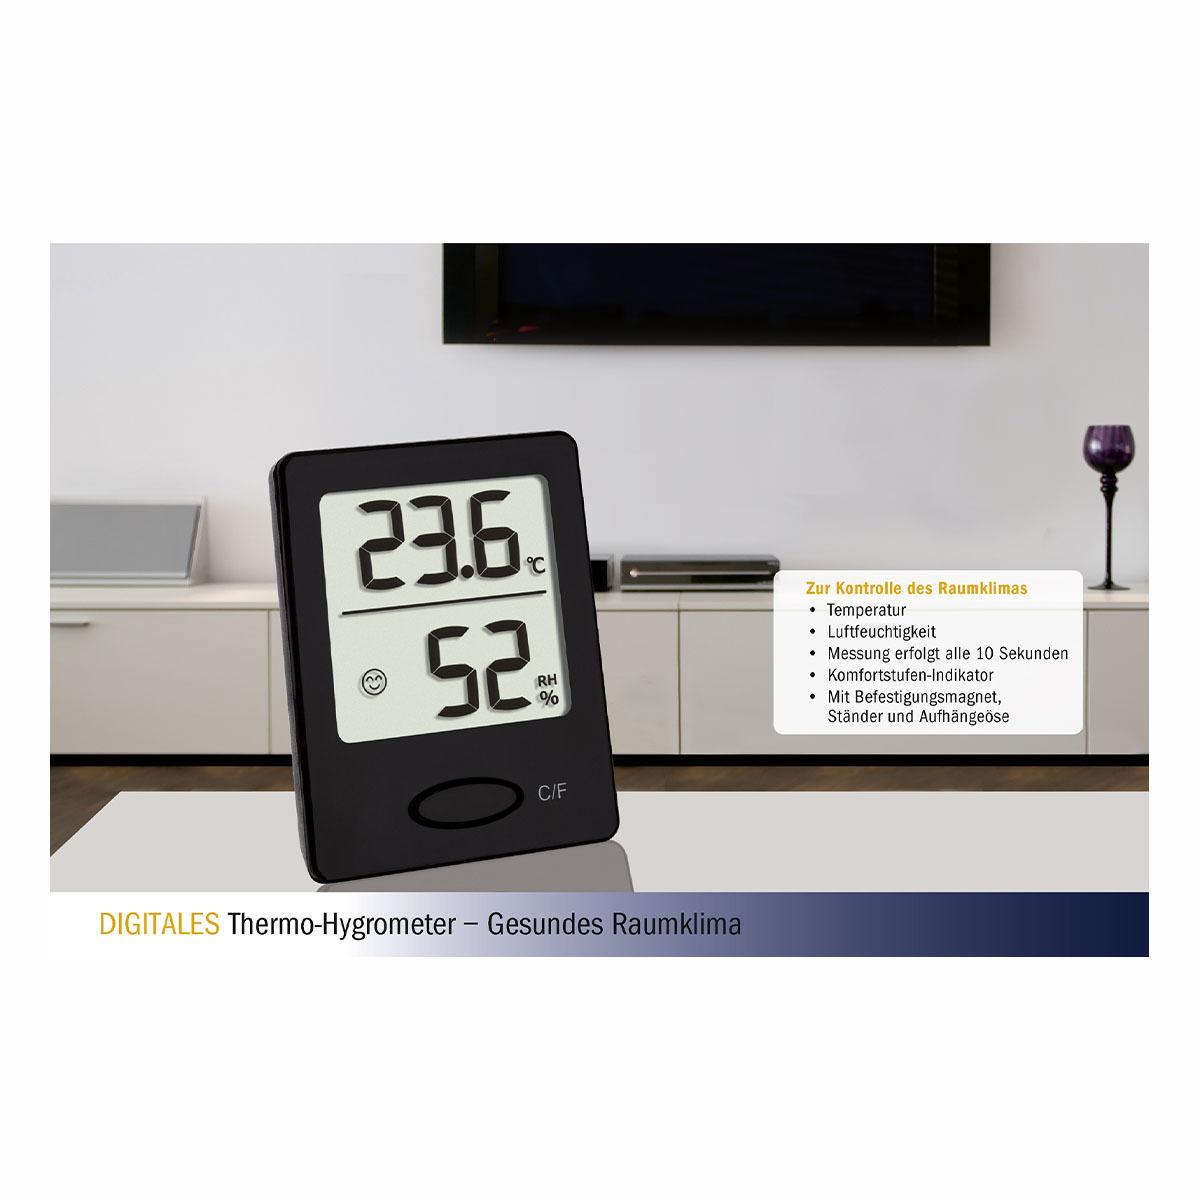 30-5041-01-digitales-thermo-hygrometer-vorteile-1200x1200px.jpg